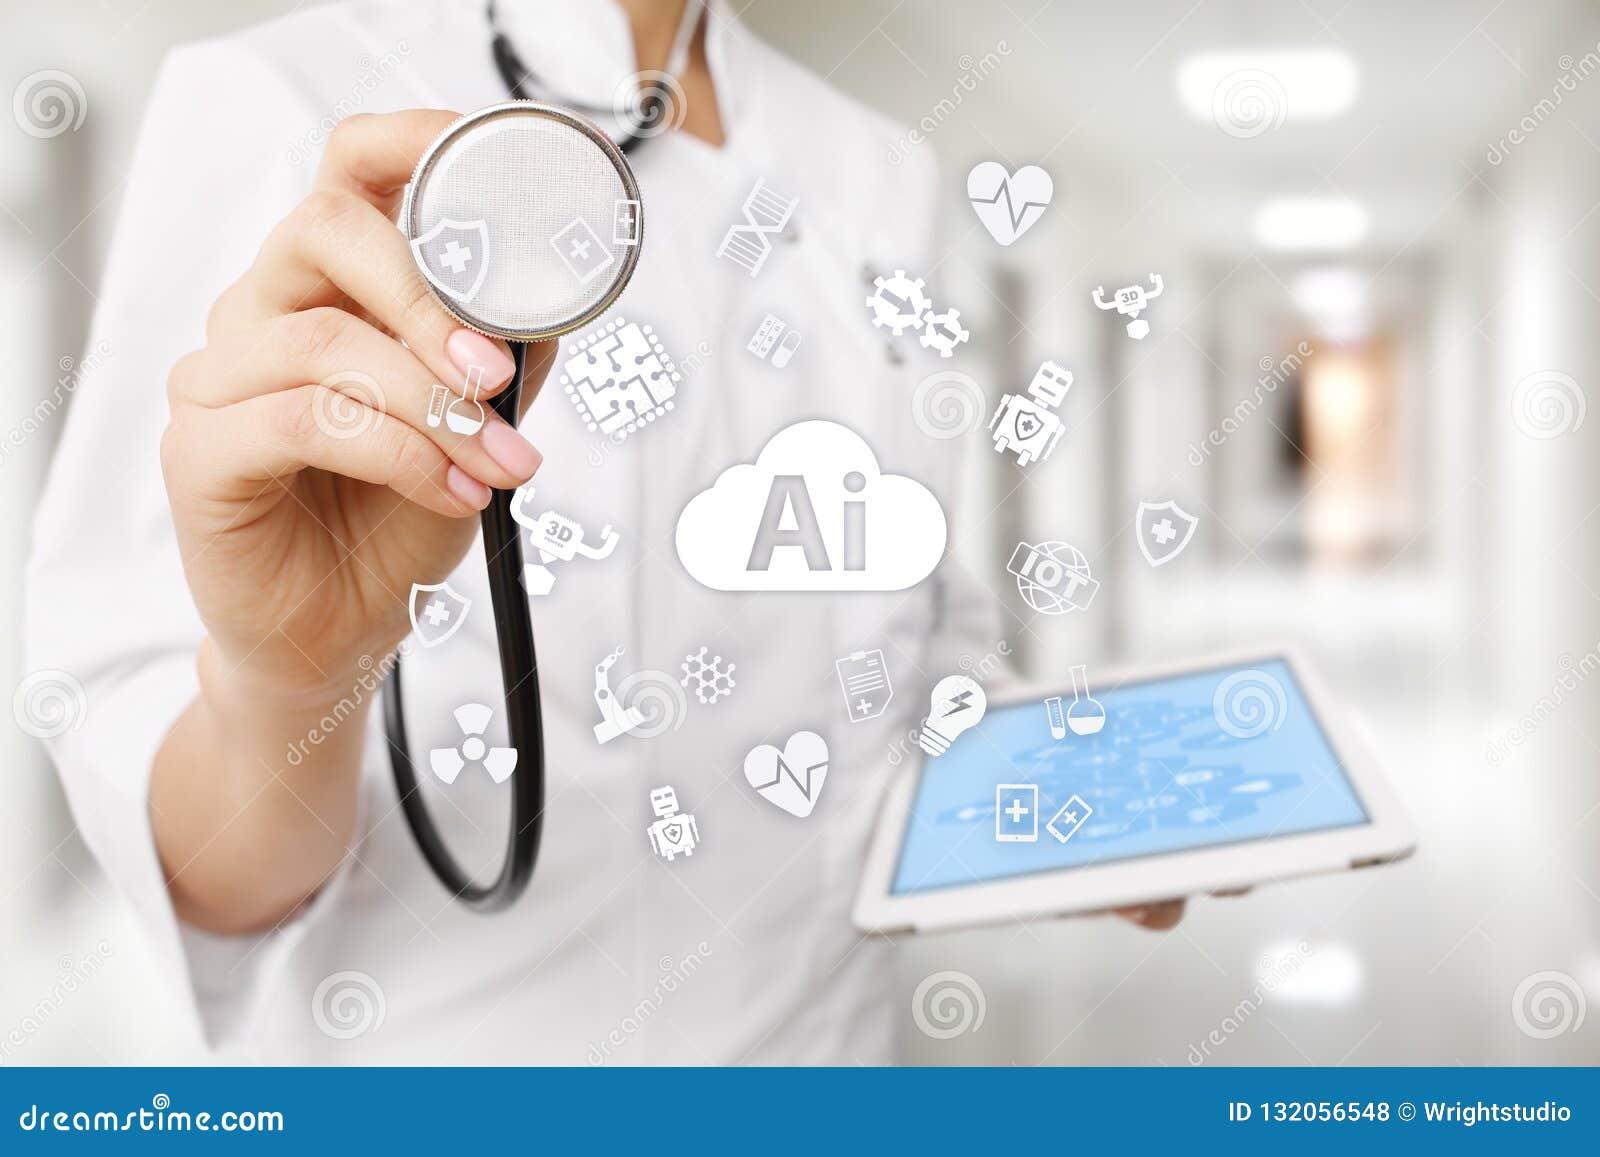 AI konstgjord intelligens, i modern medicinsk teknologi IOT och automation